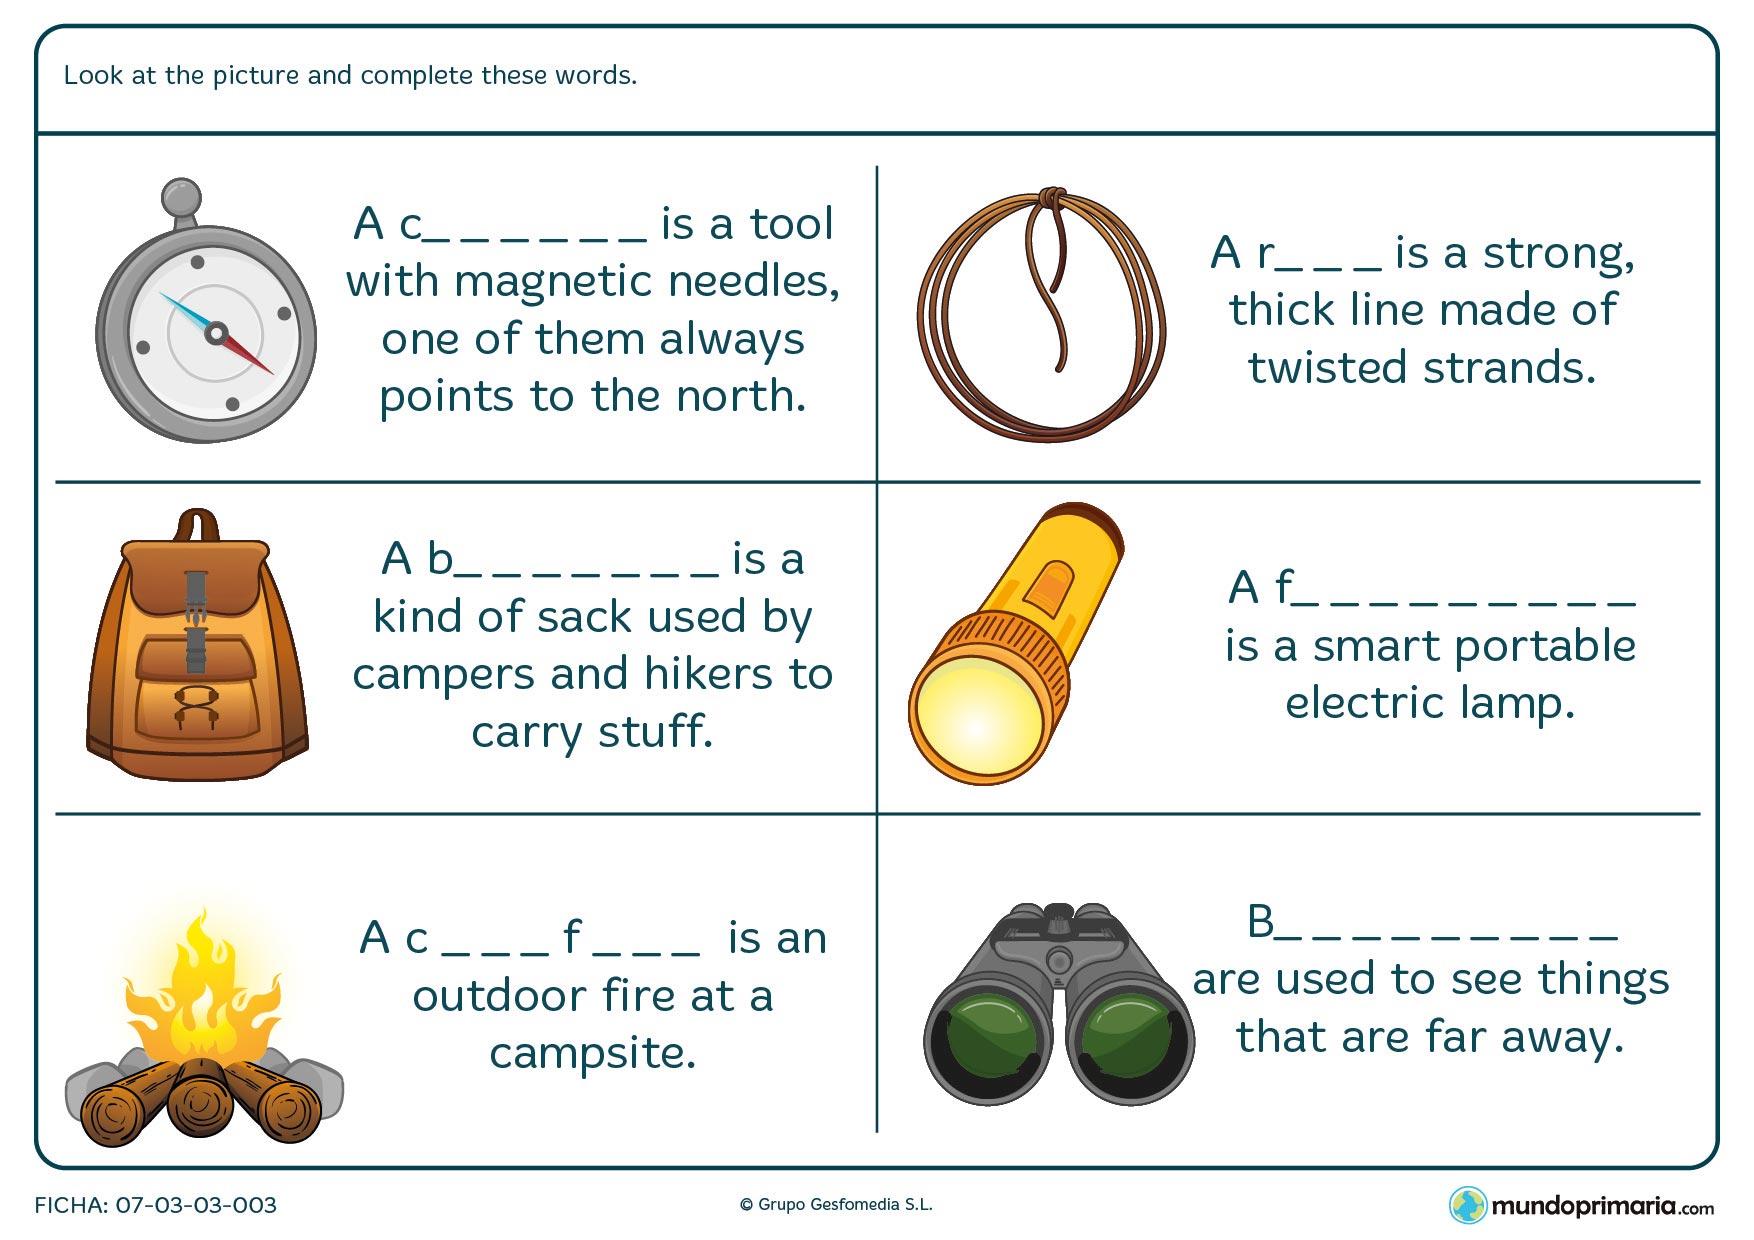 Ficha para completar los huecos de las definiciones de vocabulario de campamento en inglés.